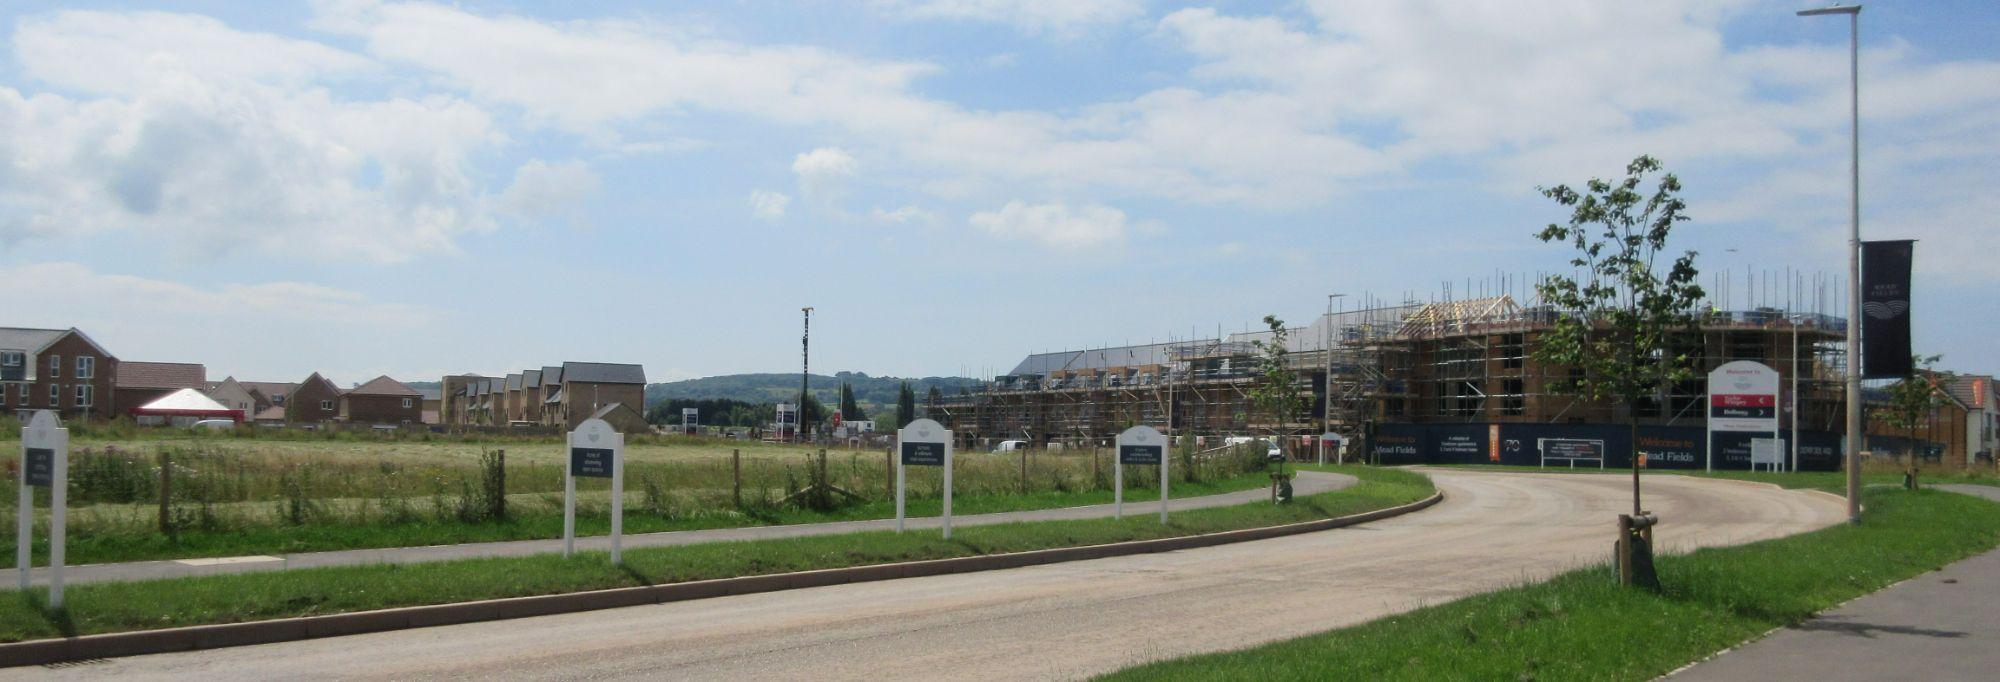 Road into Mead Field Estate